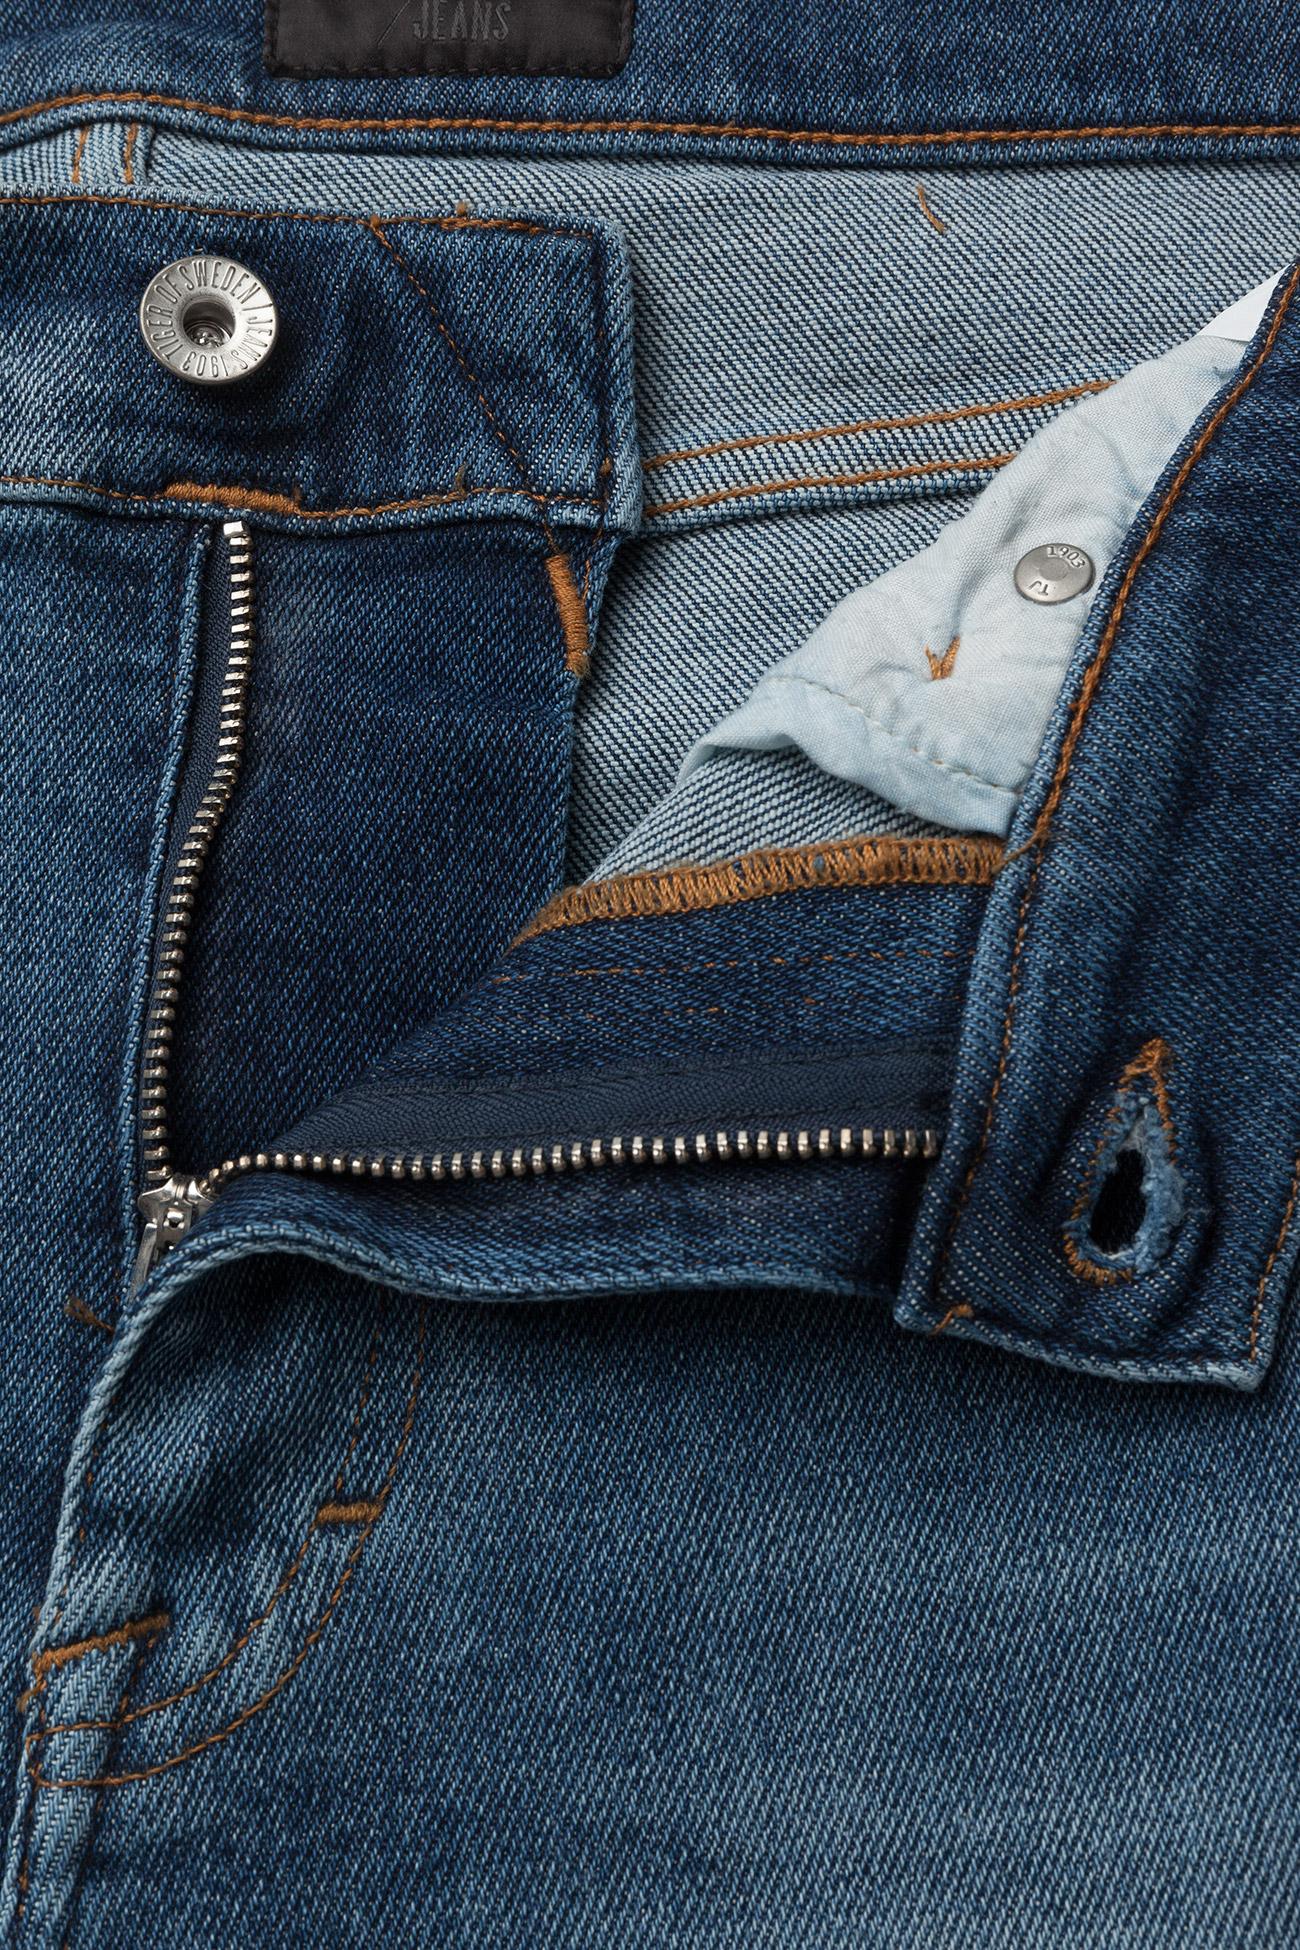 Evolve (Dust Blue) (149 €) - Tiger of Sweden Jeans KSEuh